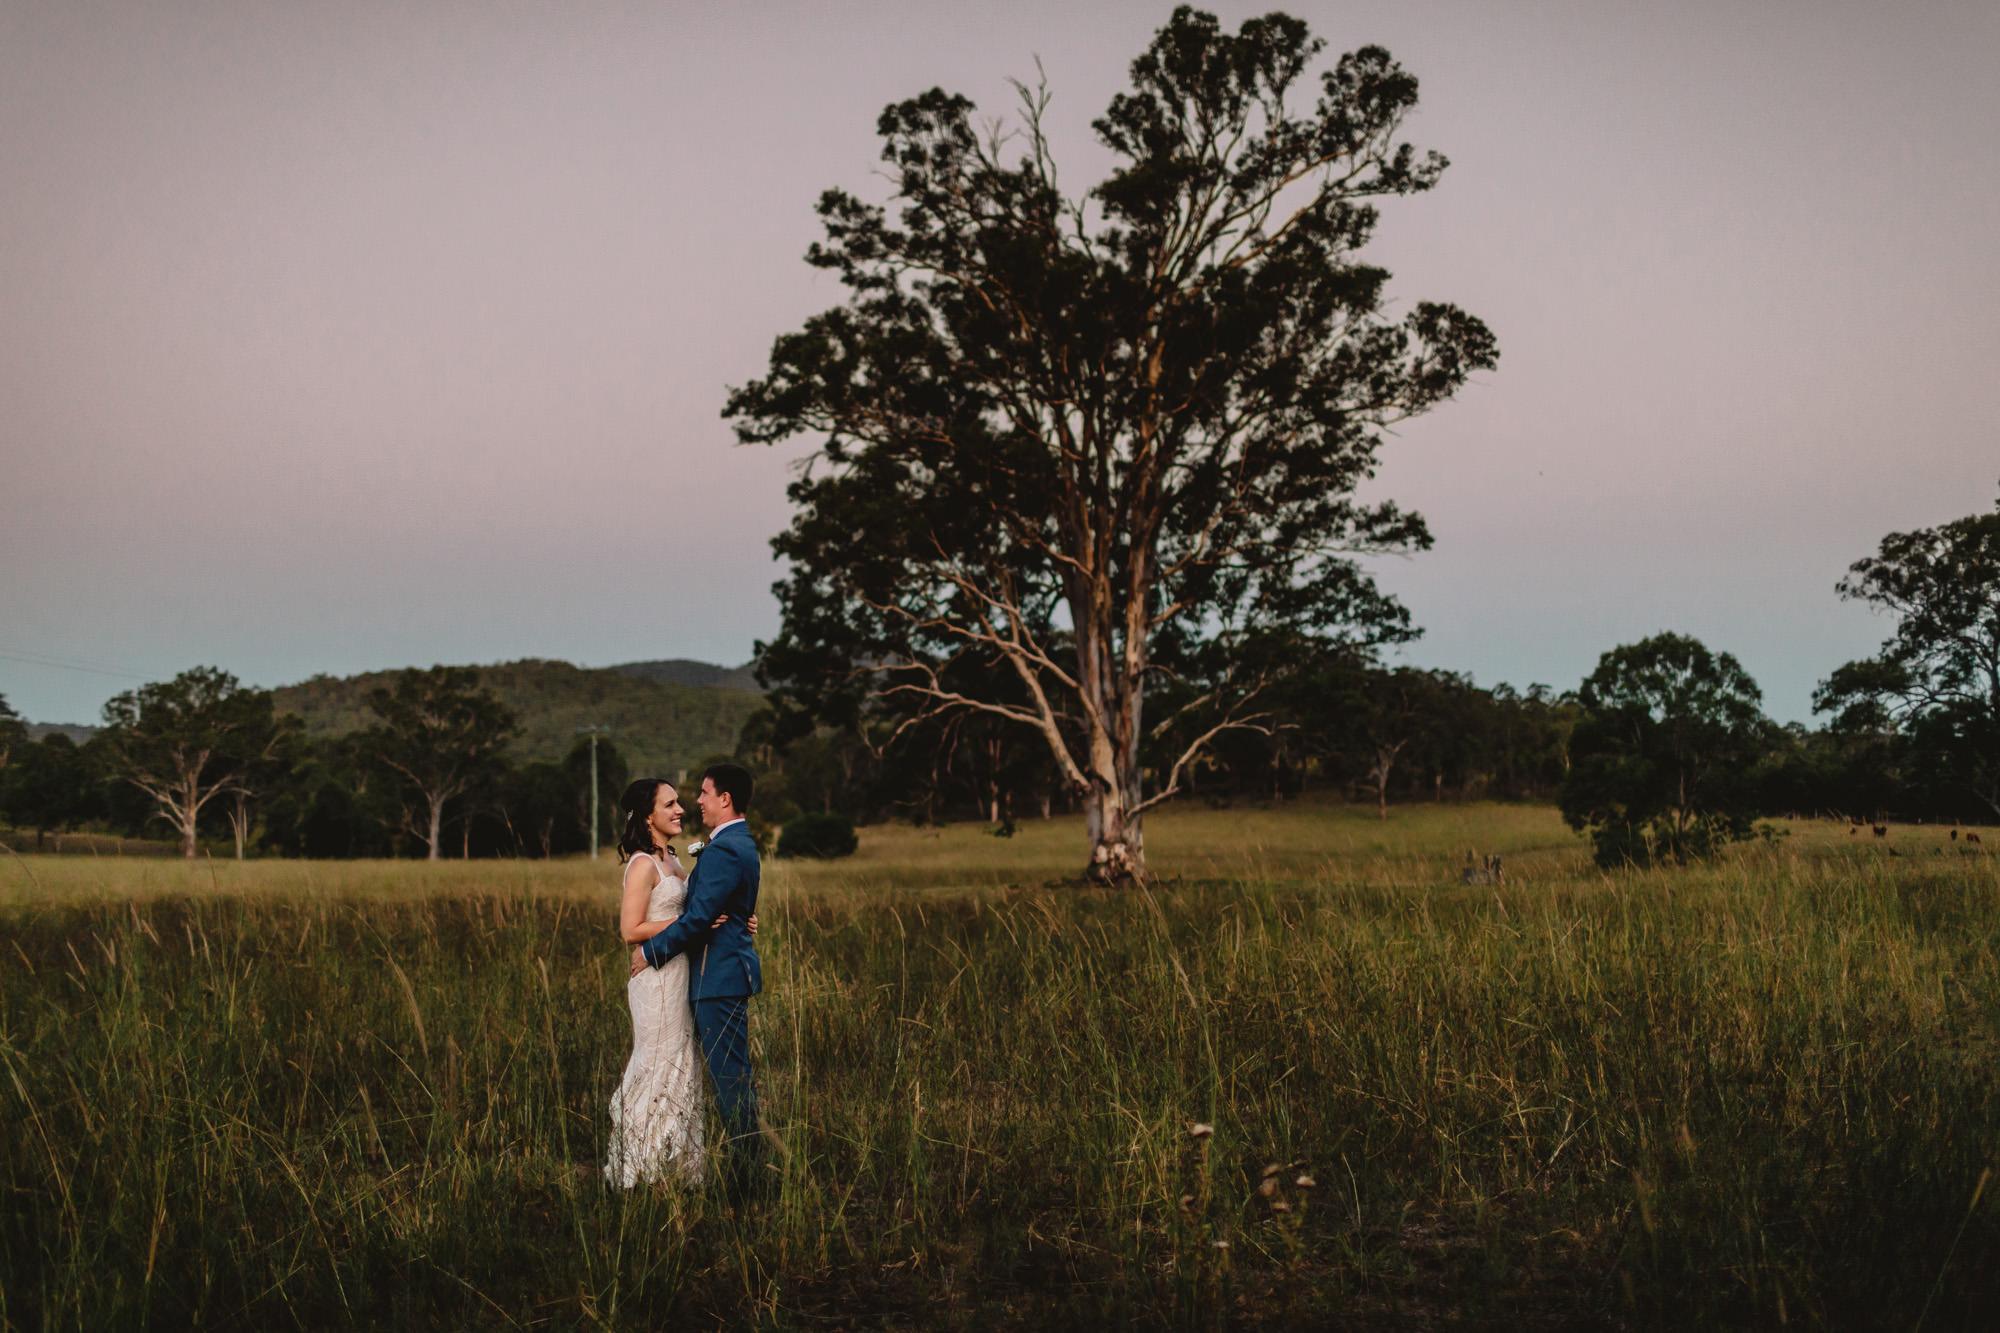 longviewfarm wedding